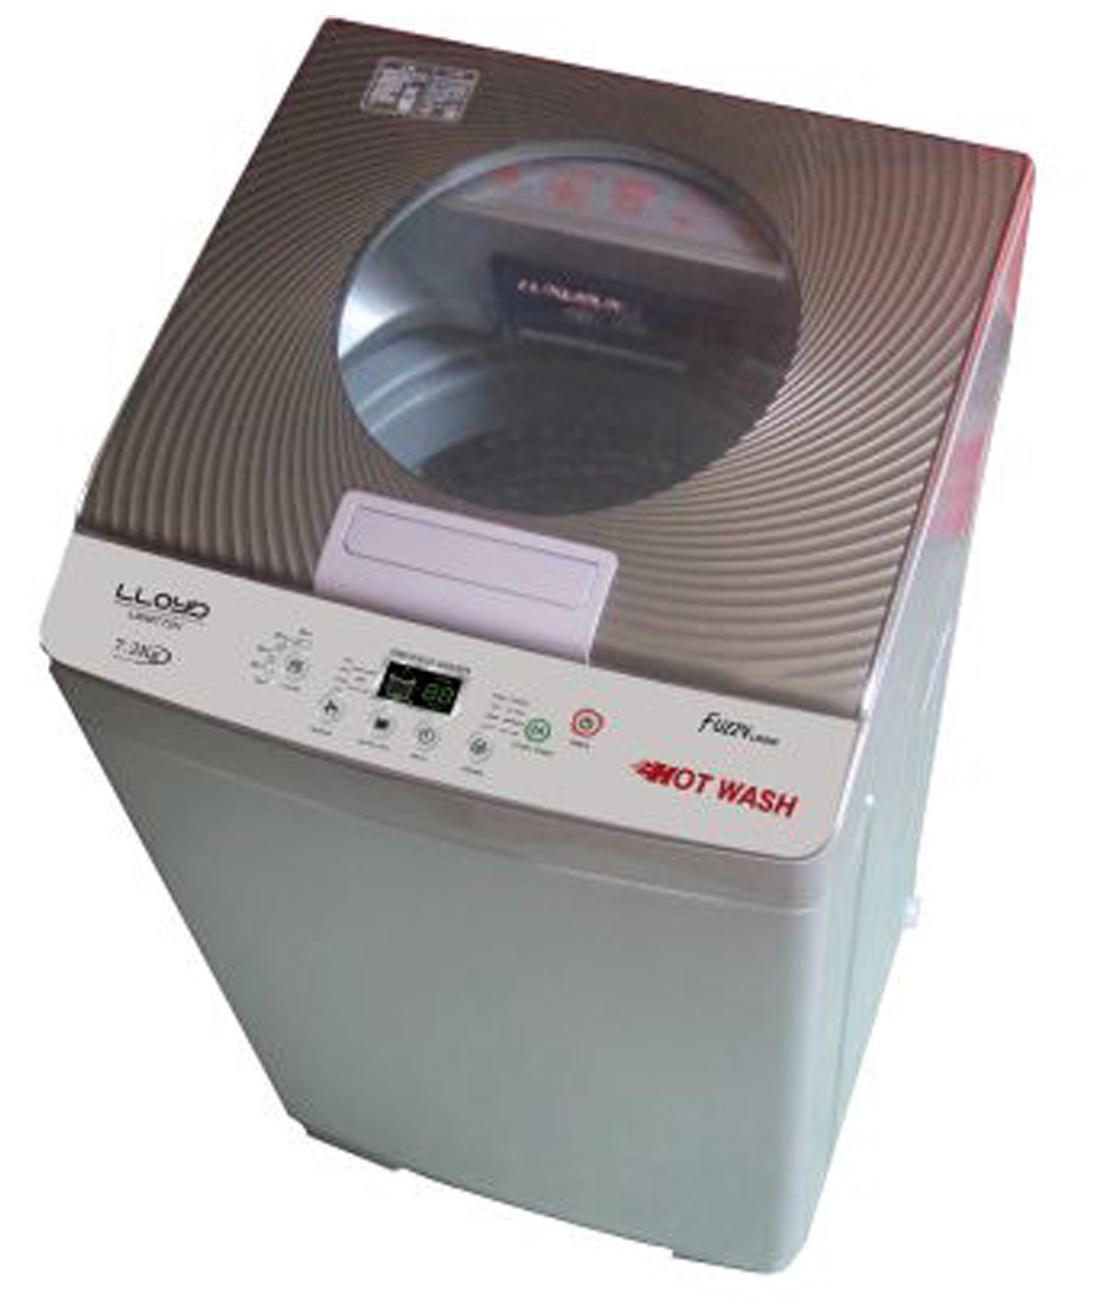 LLOYD LWMT72H 7.2KG Fully Automatic Top Load Washing Machine